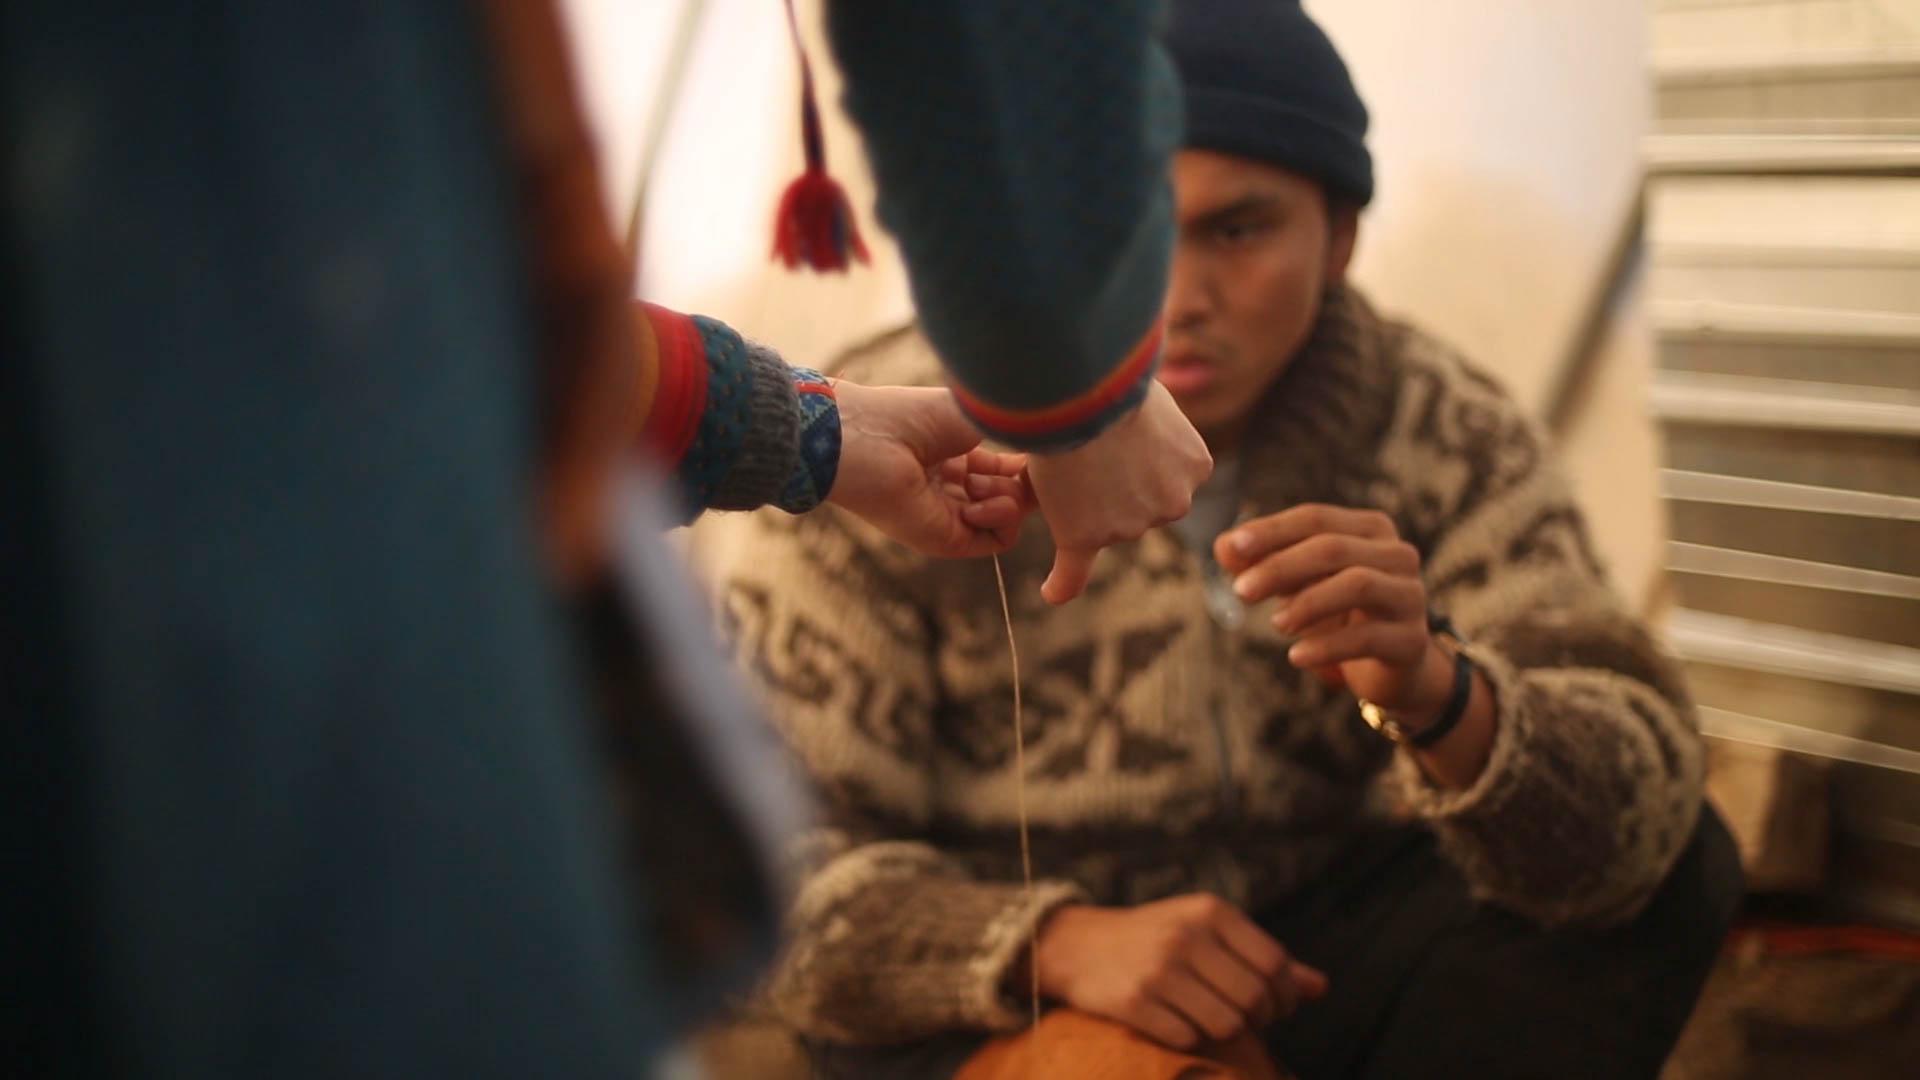 kurs i å sy etter samisk tradisjon i standing rock campen